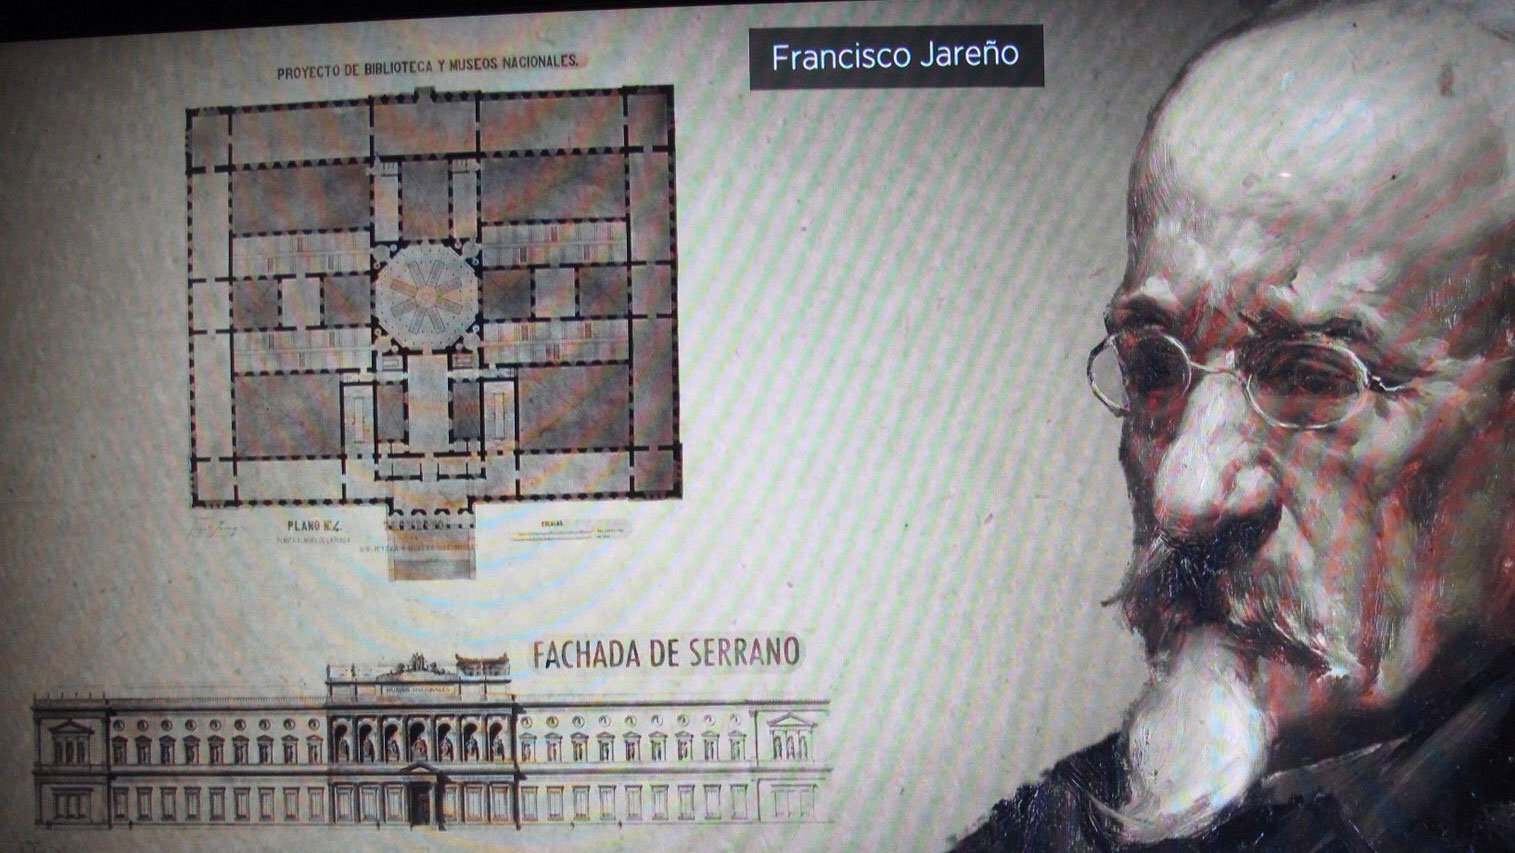 museo arqueologico nacional_man_madrid_francisco jareño arquitecto